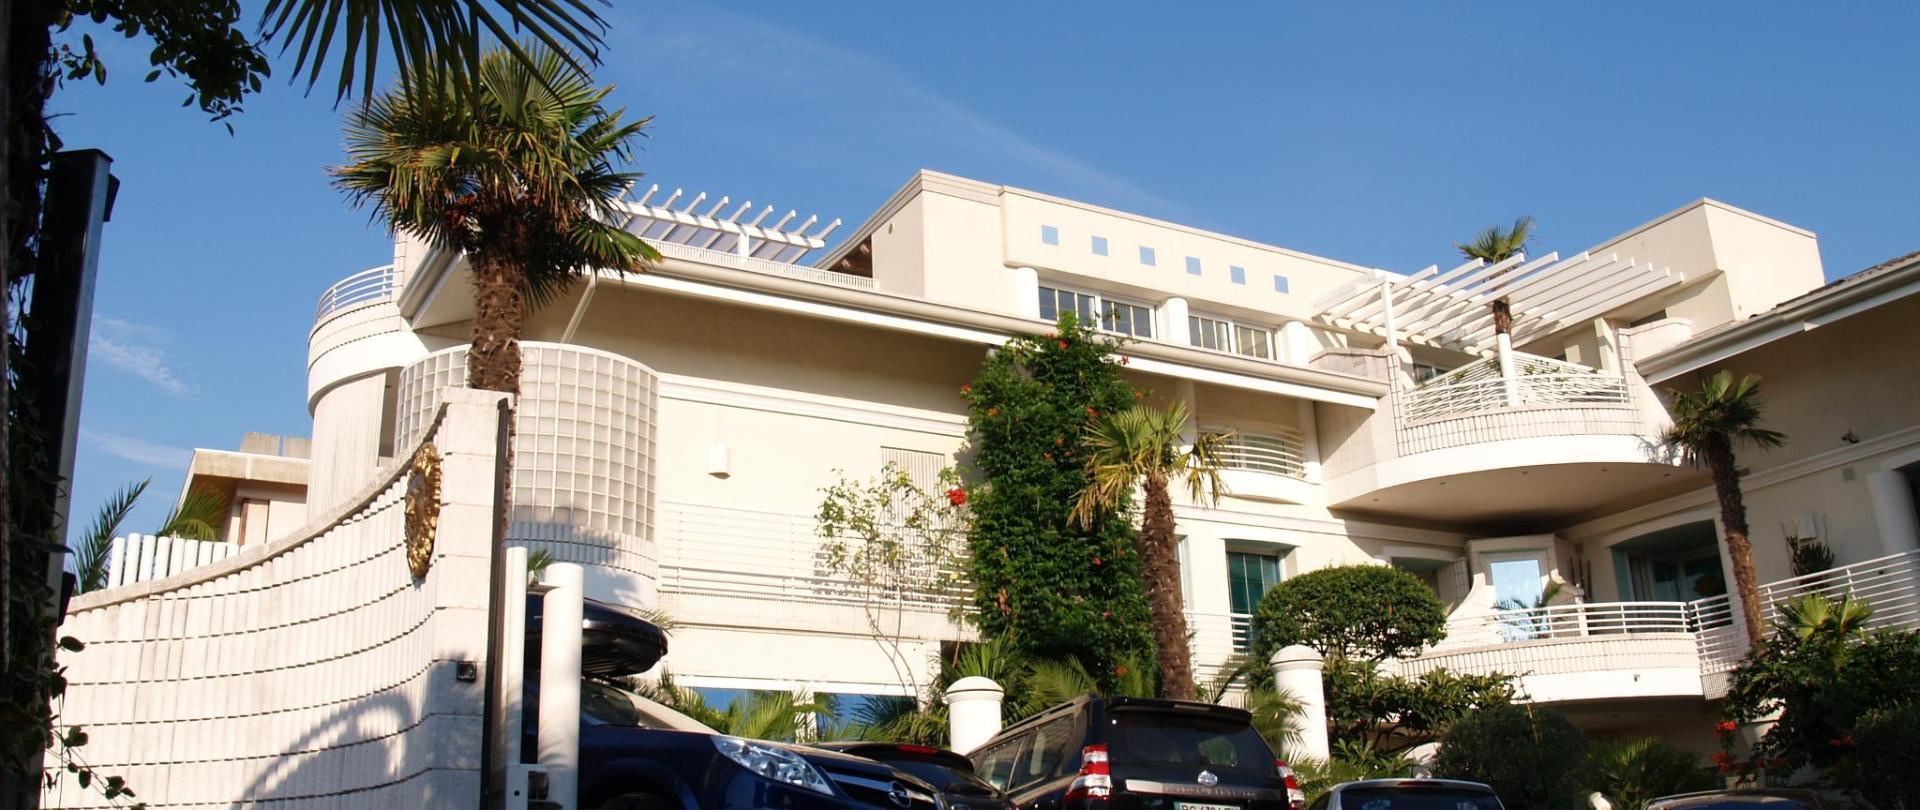 Appartamenti della Residenza Zaccolo, Lignano Sabbiadoro